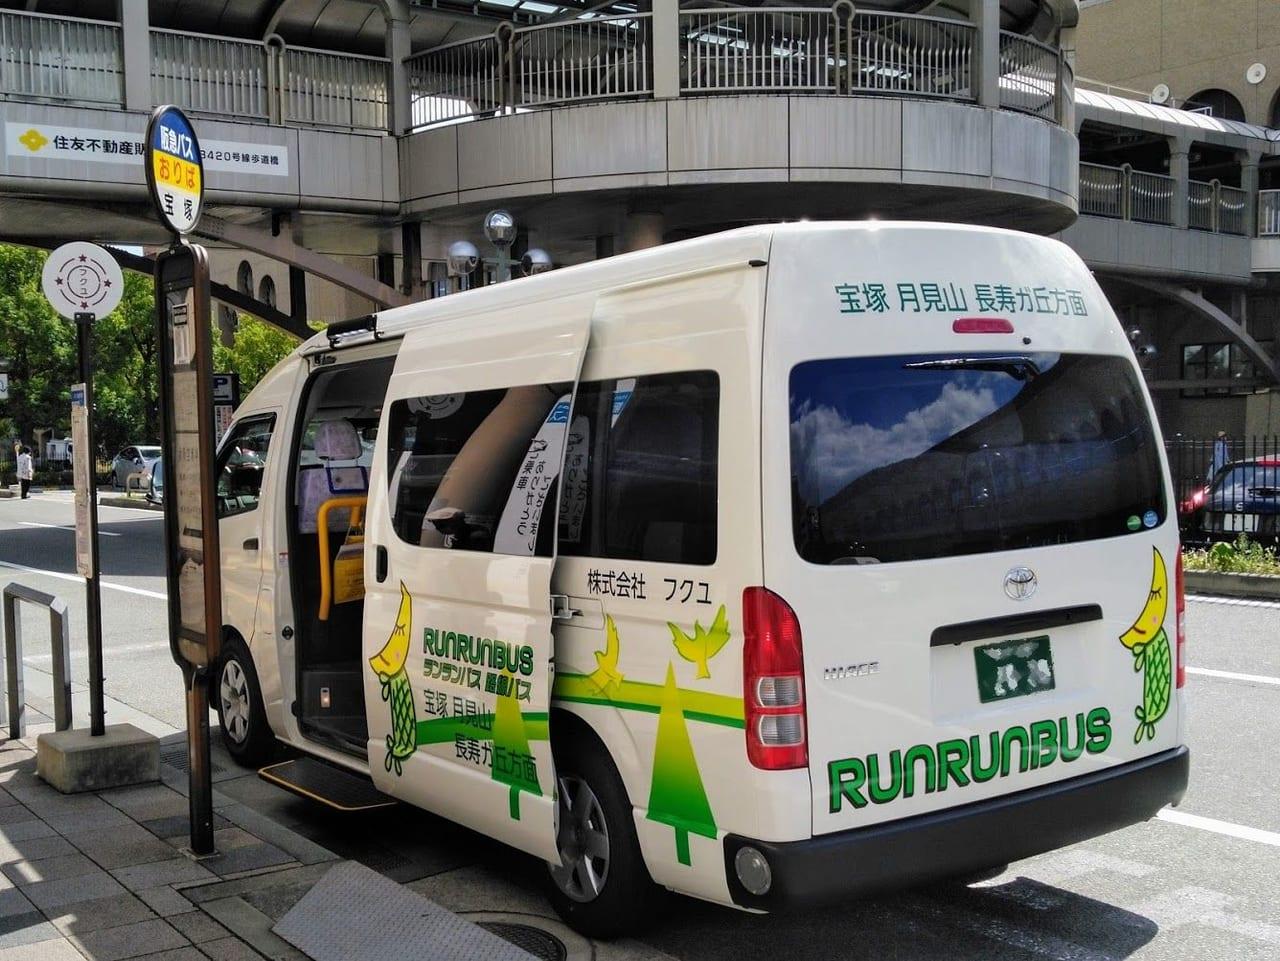 ランランバスJR宝塚駅前停留所